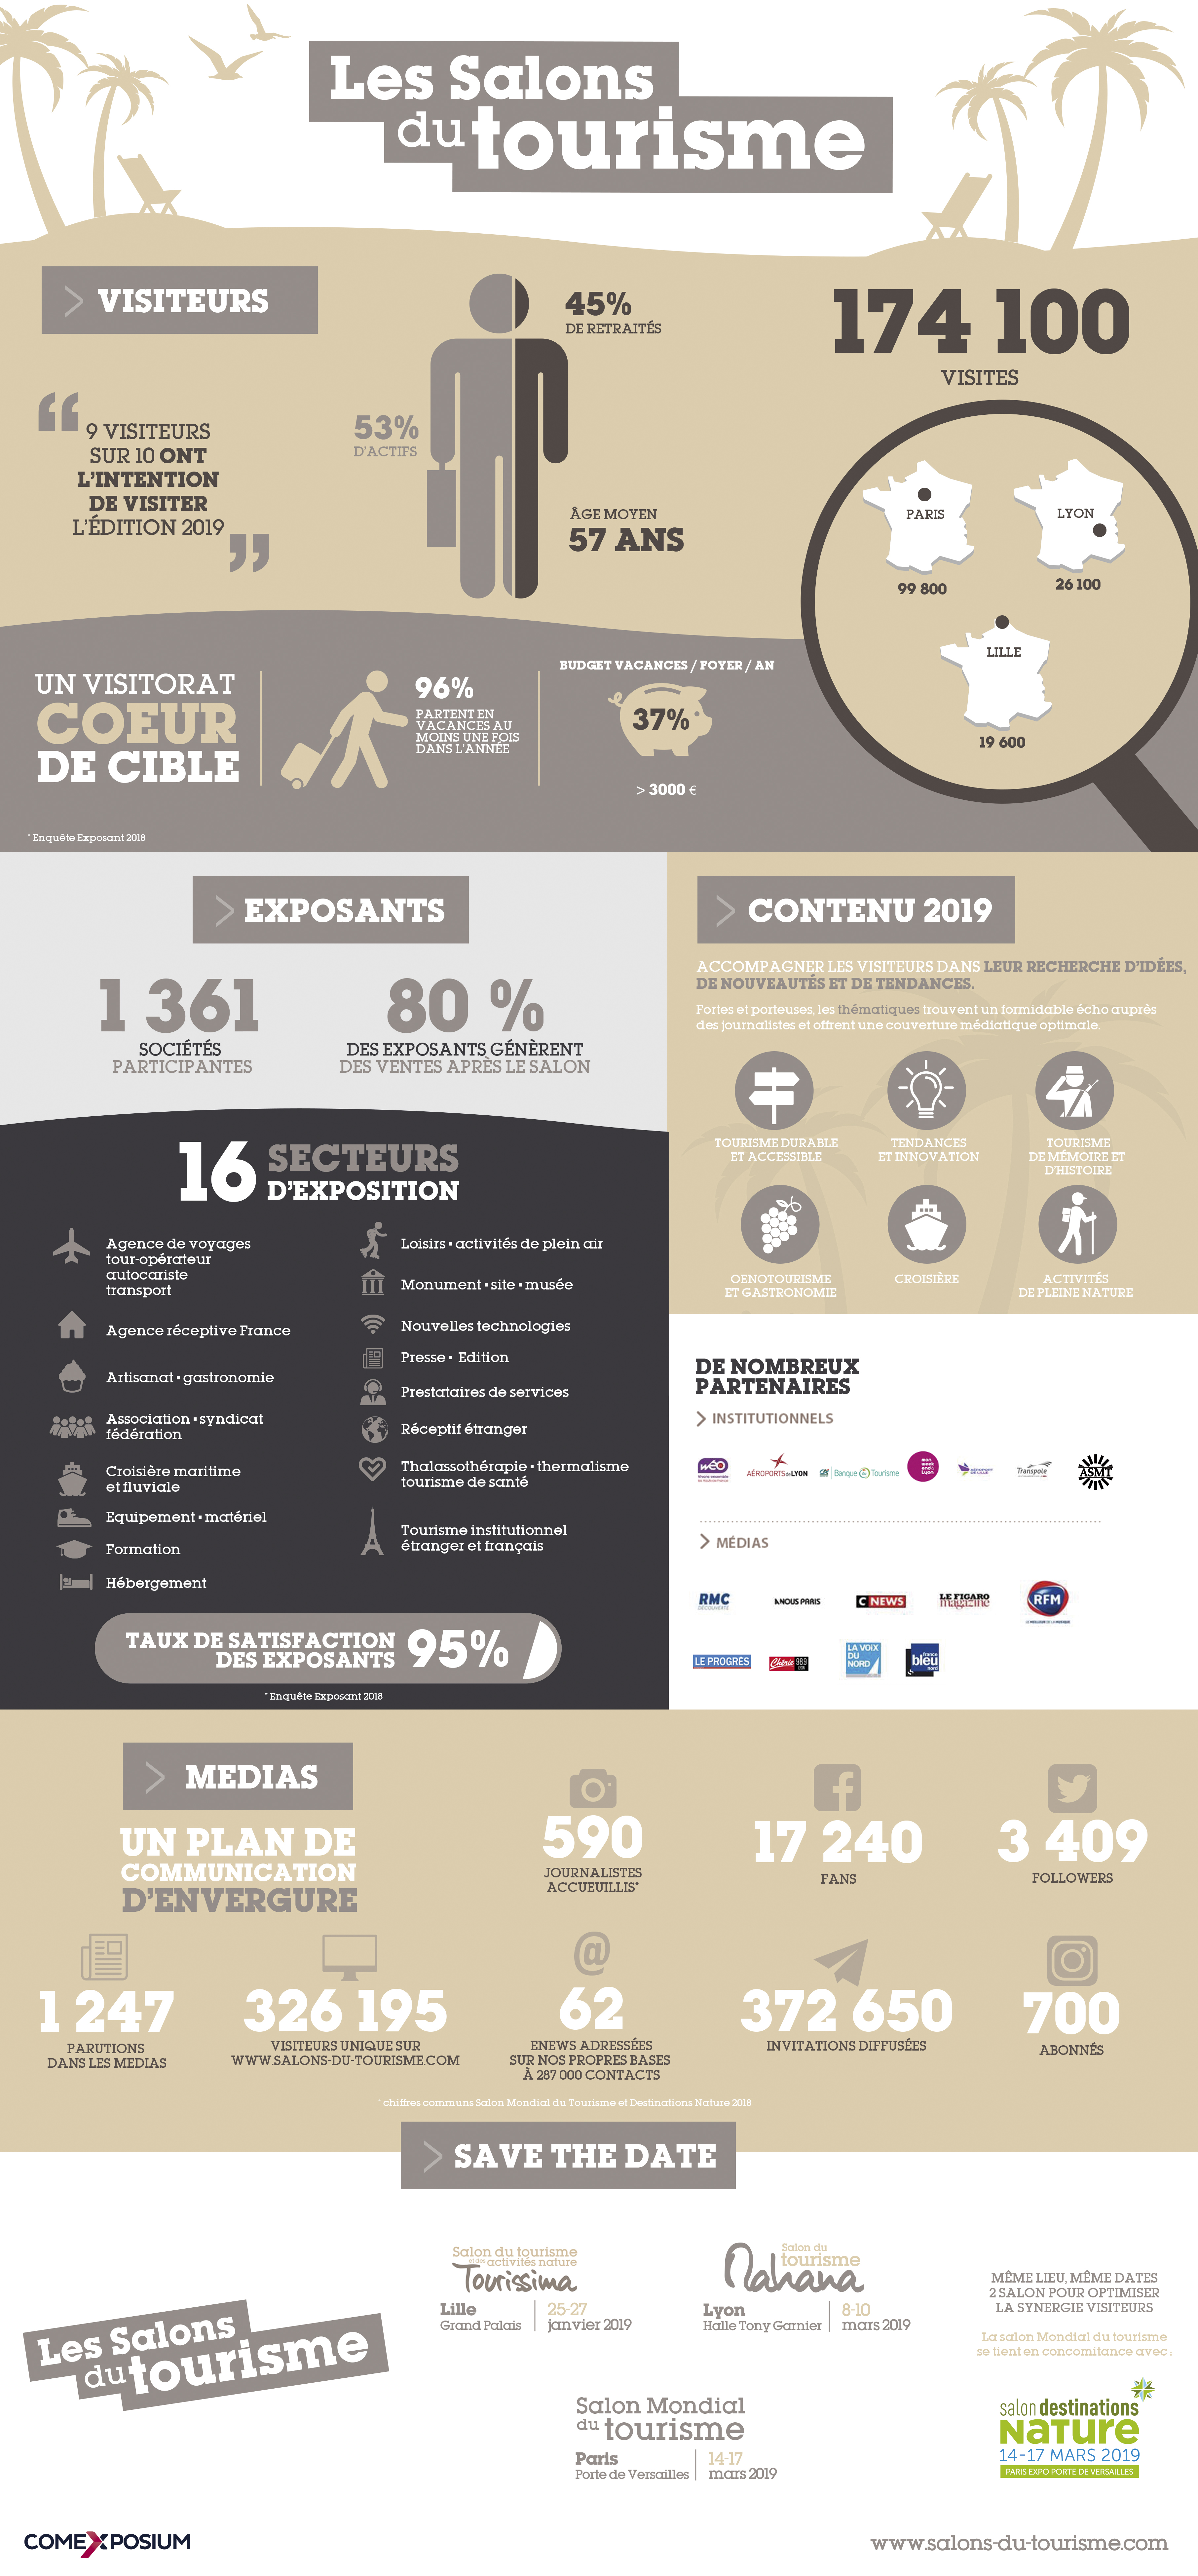 ESPACE PRO - Découvrez les salons du tourisme - chiffres clés 2019 TOURISME